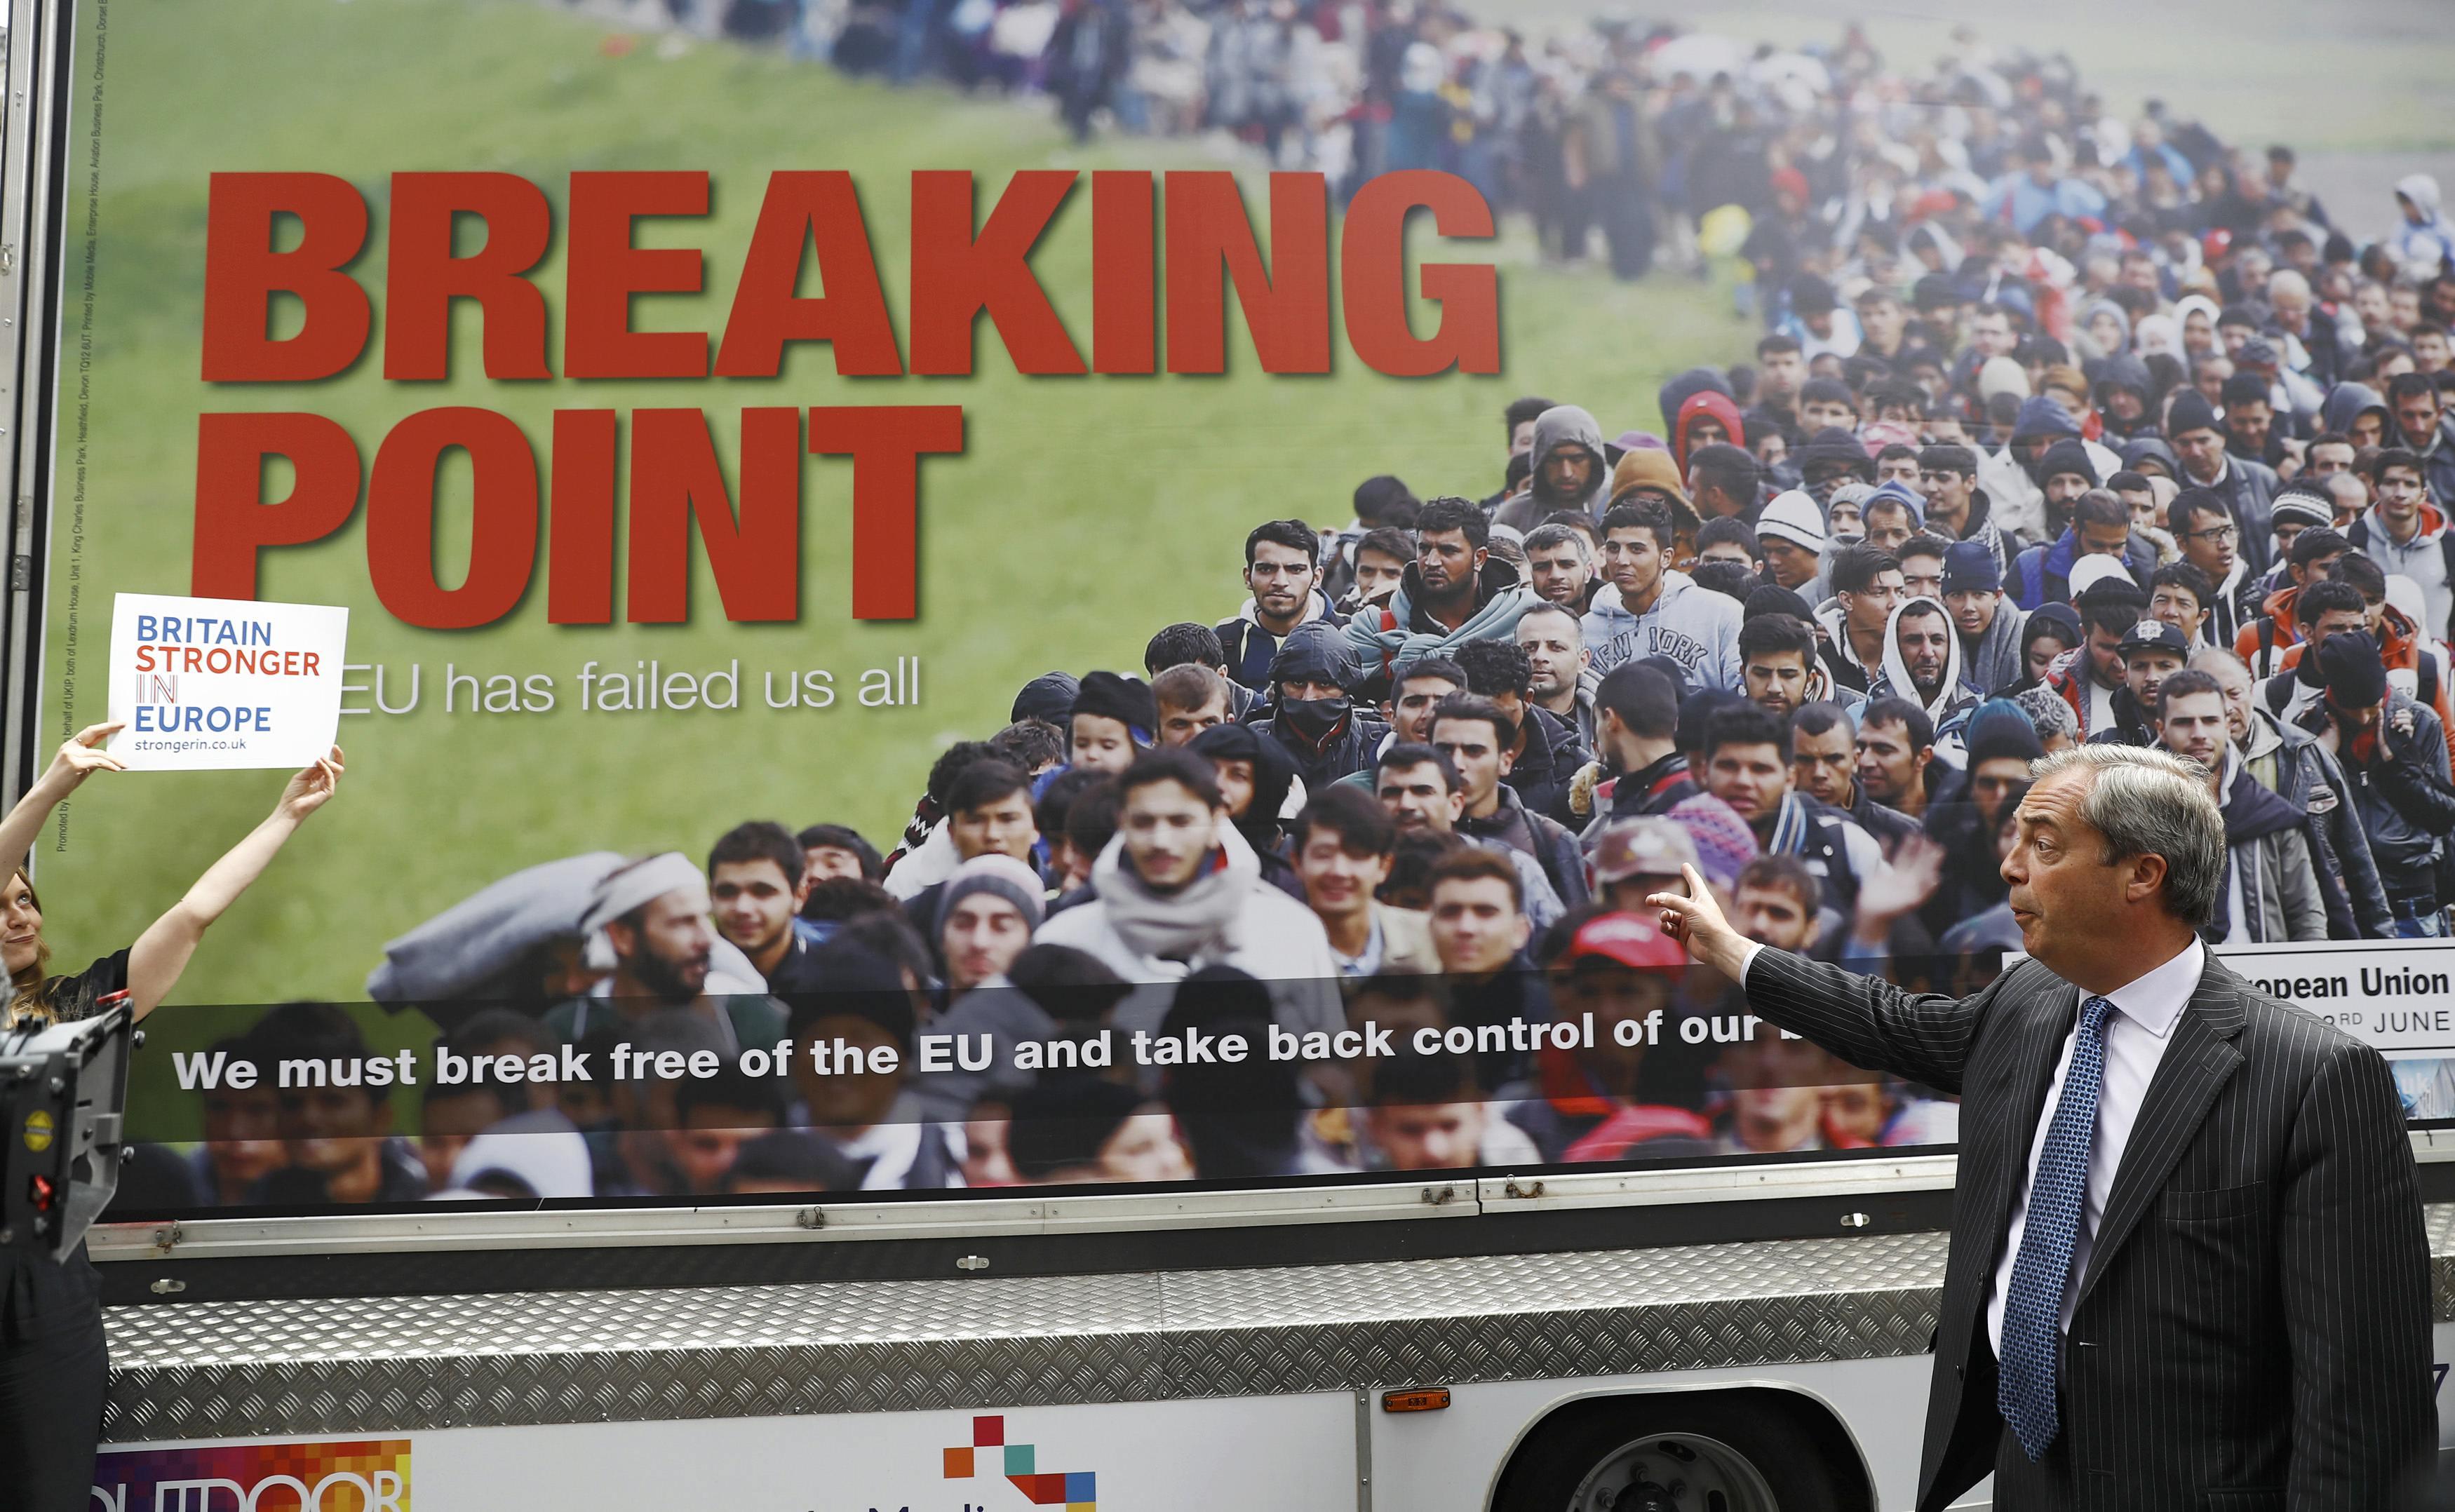 Фаландж, скандальний плакат, Британія, Брексіт, референдум